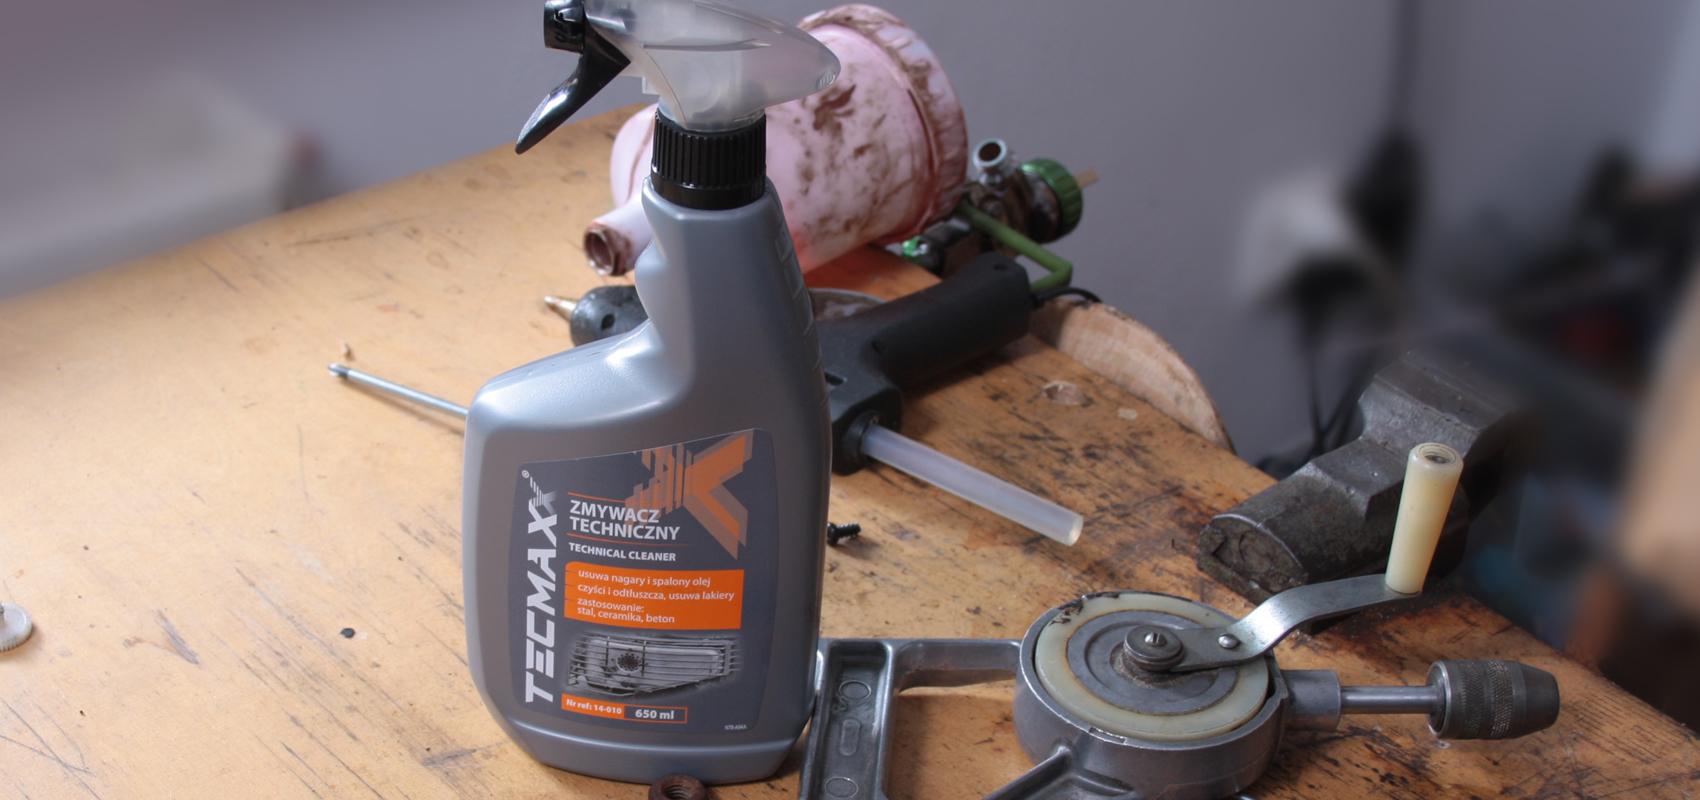 Zmywacz techniczny Tecmaxx